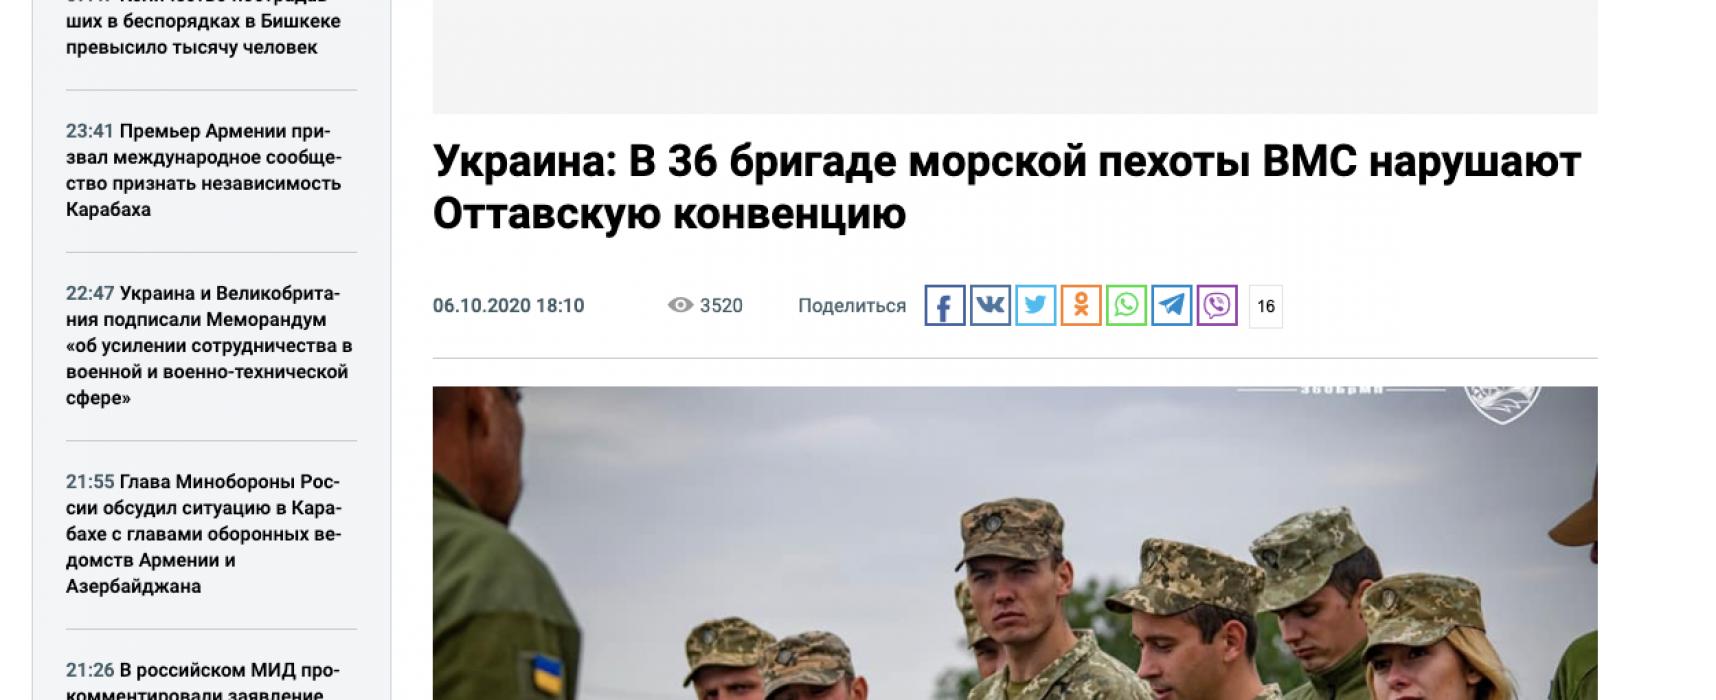 Фейк: Украина нарушает на Донбассе Оттавскую конвенцию